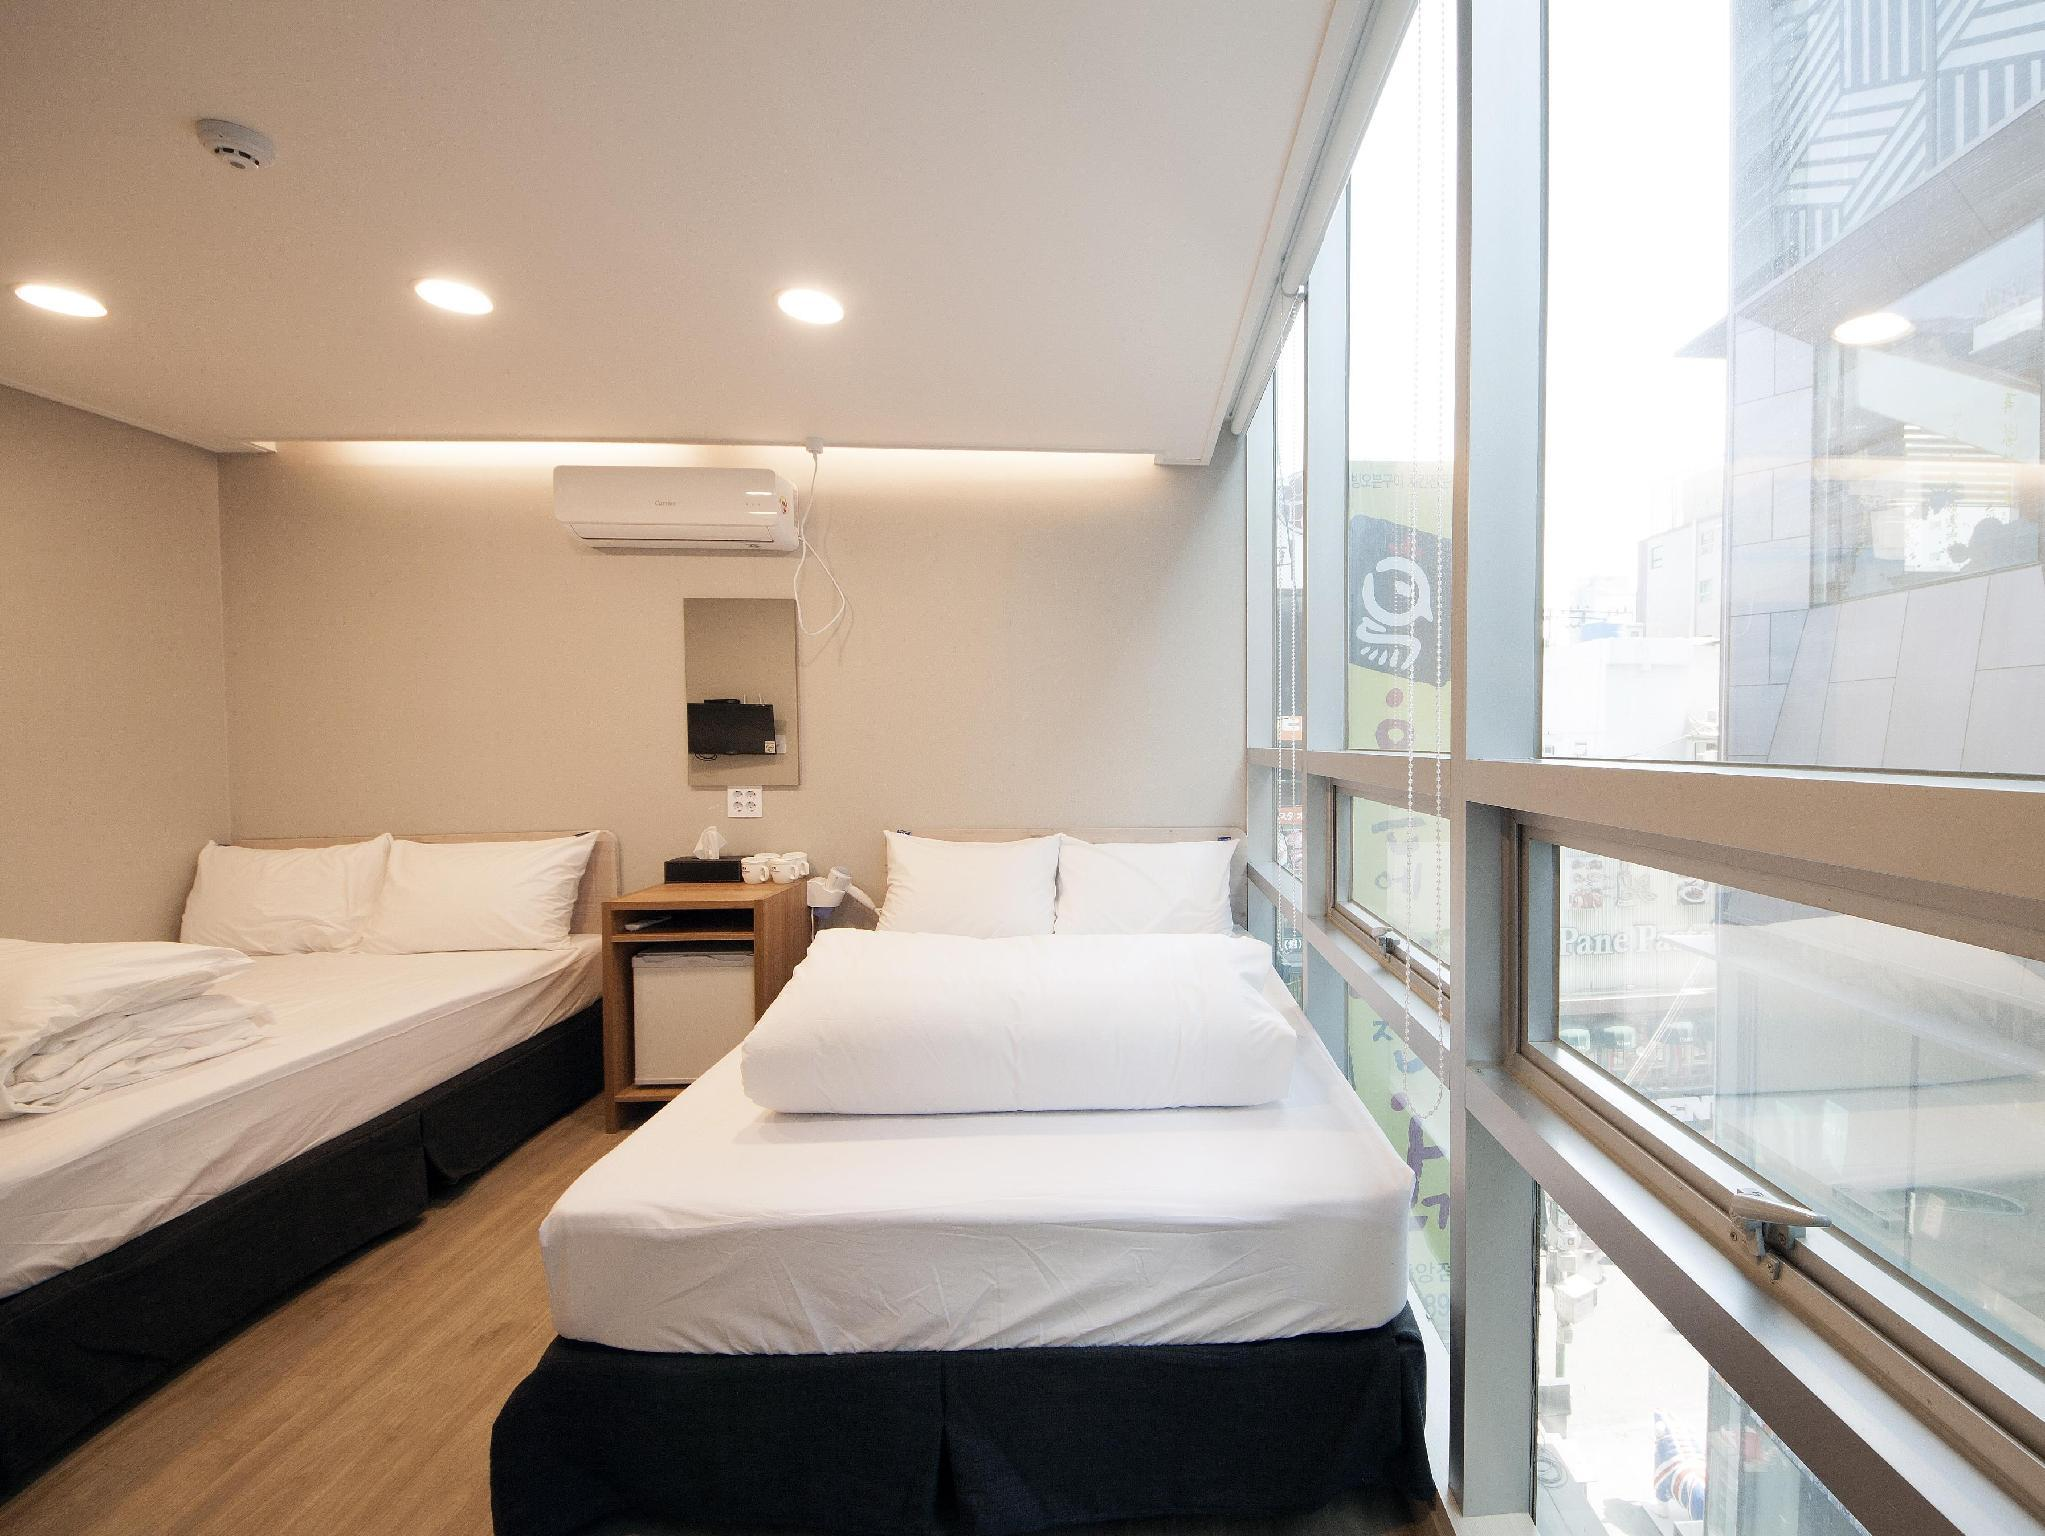 K Grand Hostel Myeongdong In Republic Of Korea